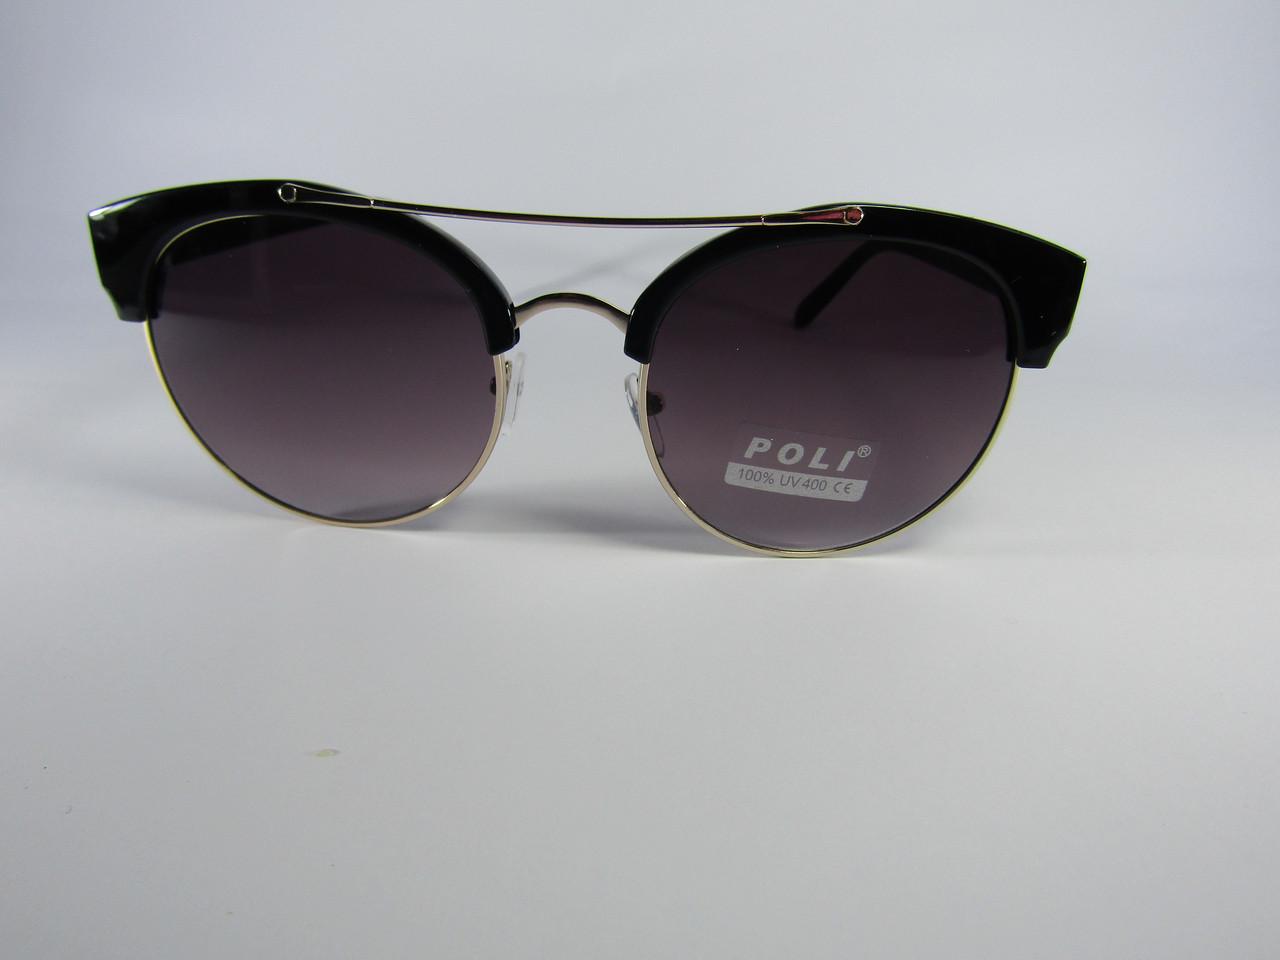 Очки женские Poli P5074 C1